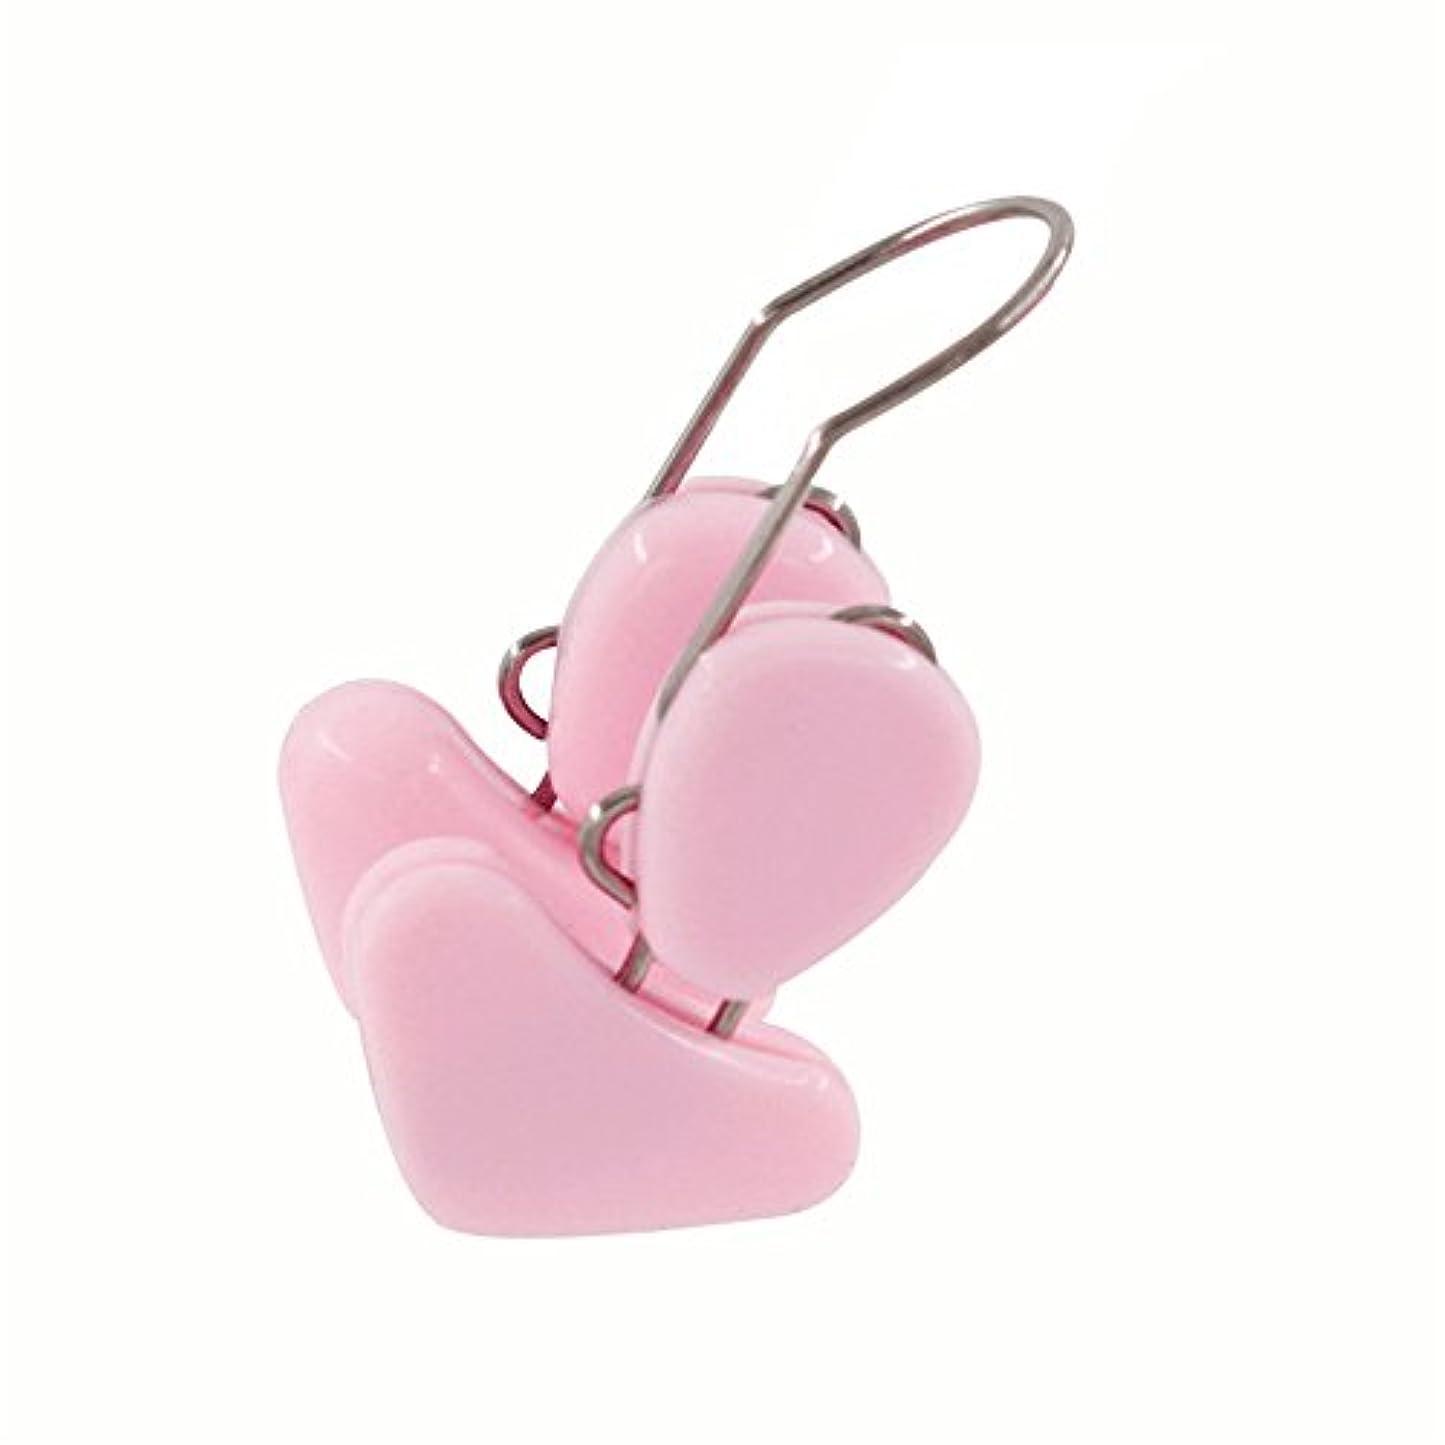 美人説明するシャーロットブロンテ鼻 整のクリップ 整形キット 美容クリップ ノーズリフティングシェイパー ストレートホーニングツール ピンク